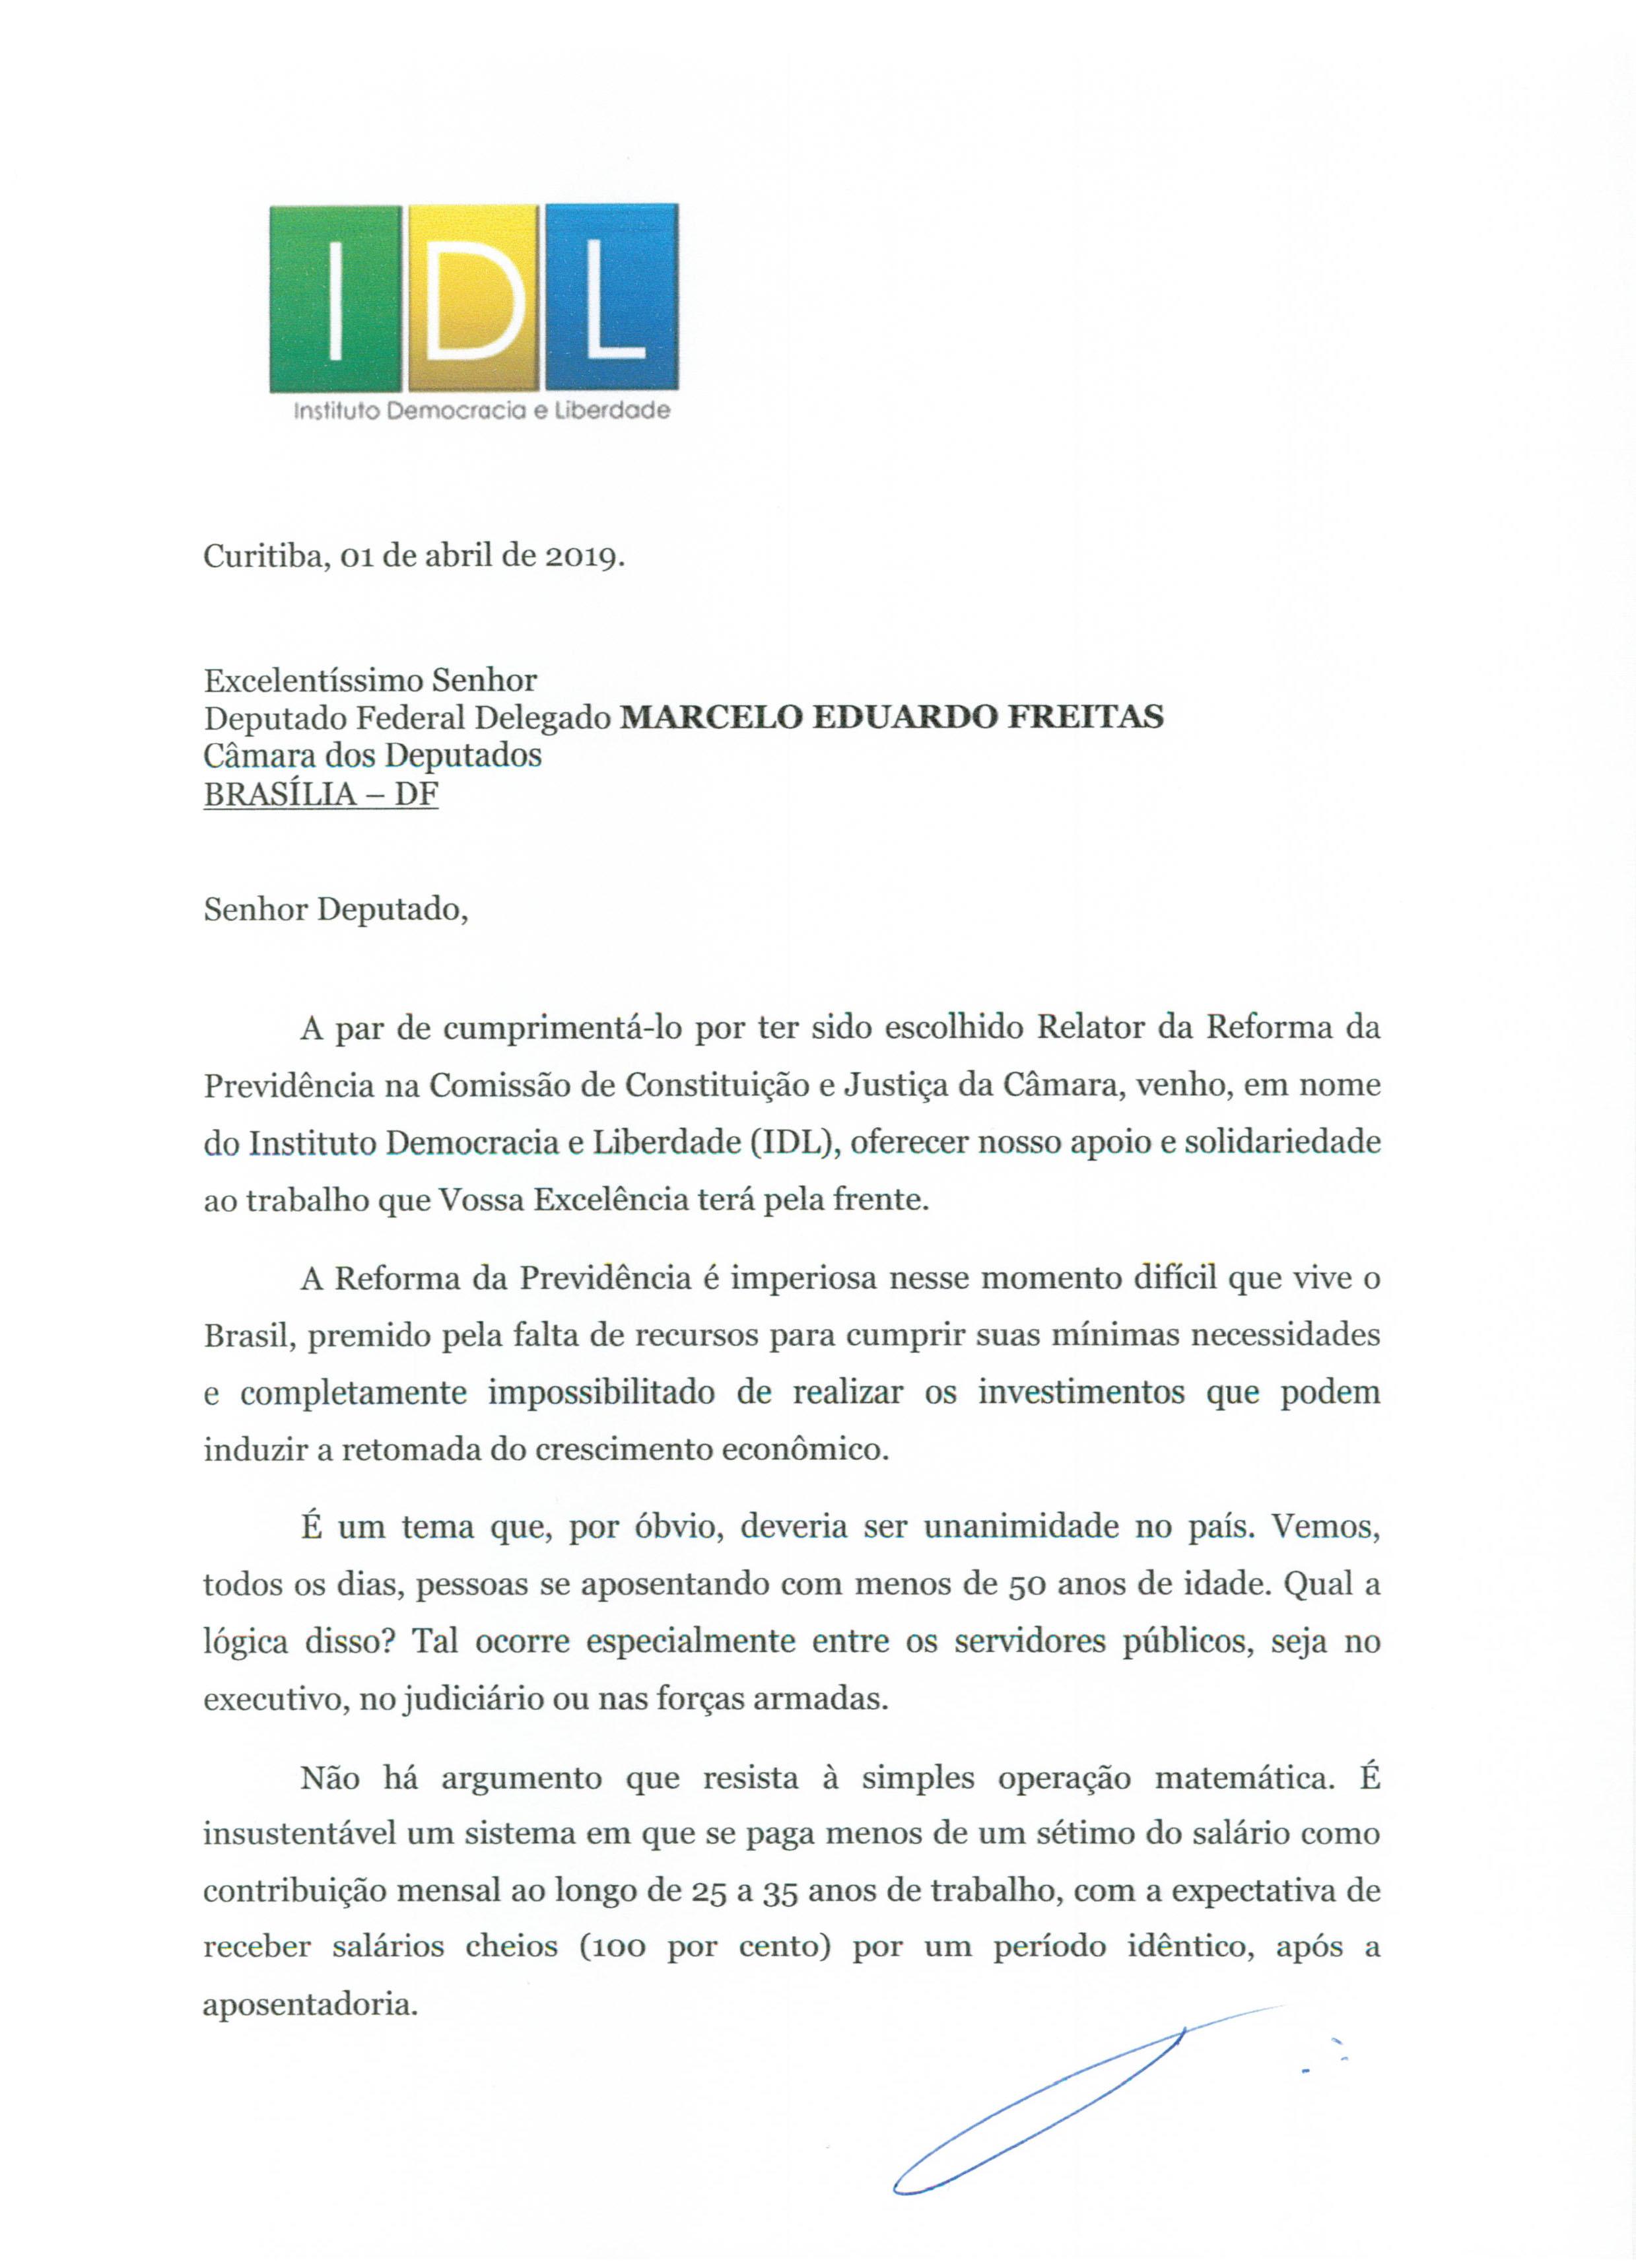 Carta IDL ao Deputado Federal Delegado MARCELO EDUARDO FREITAS-1